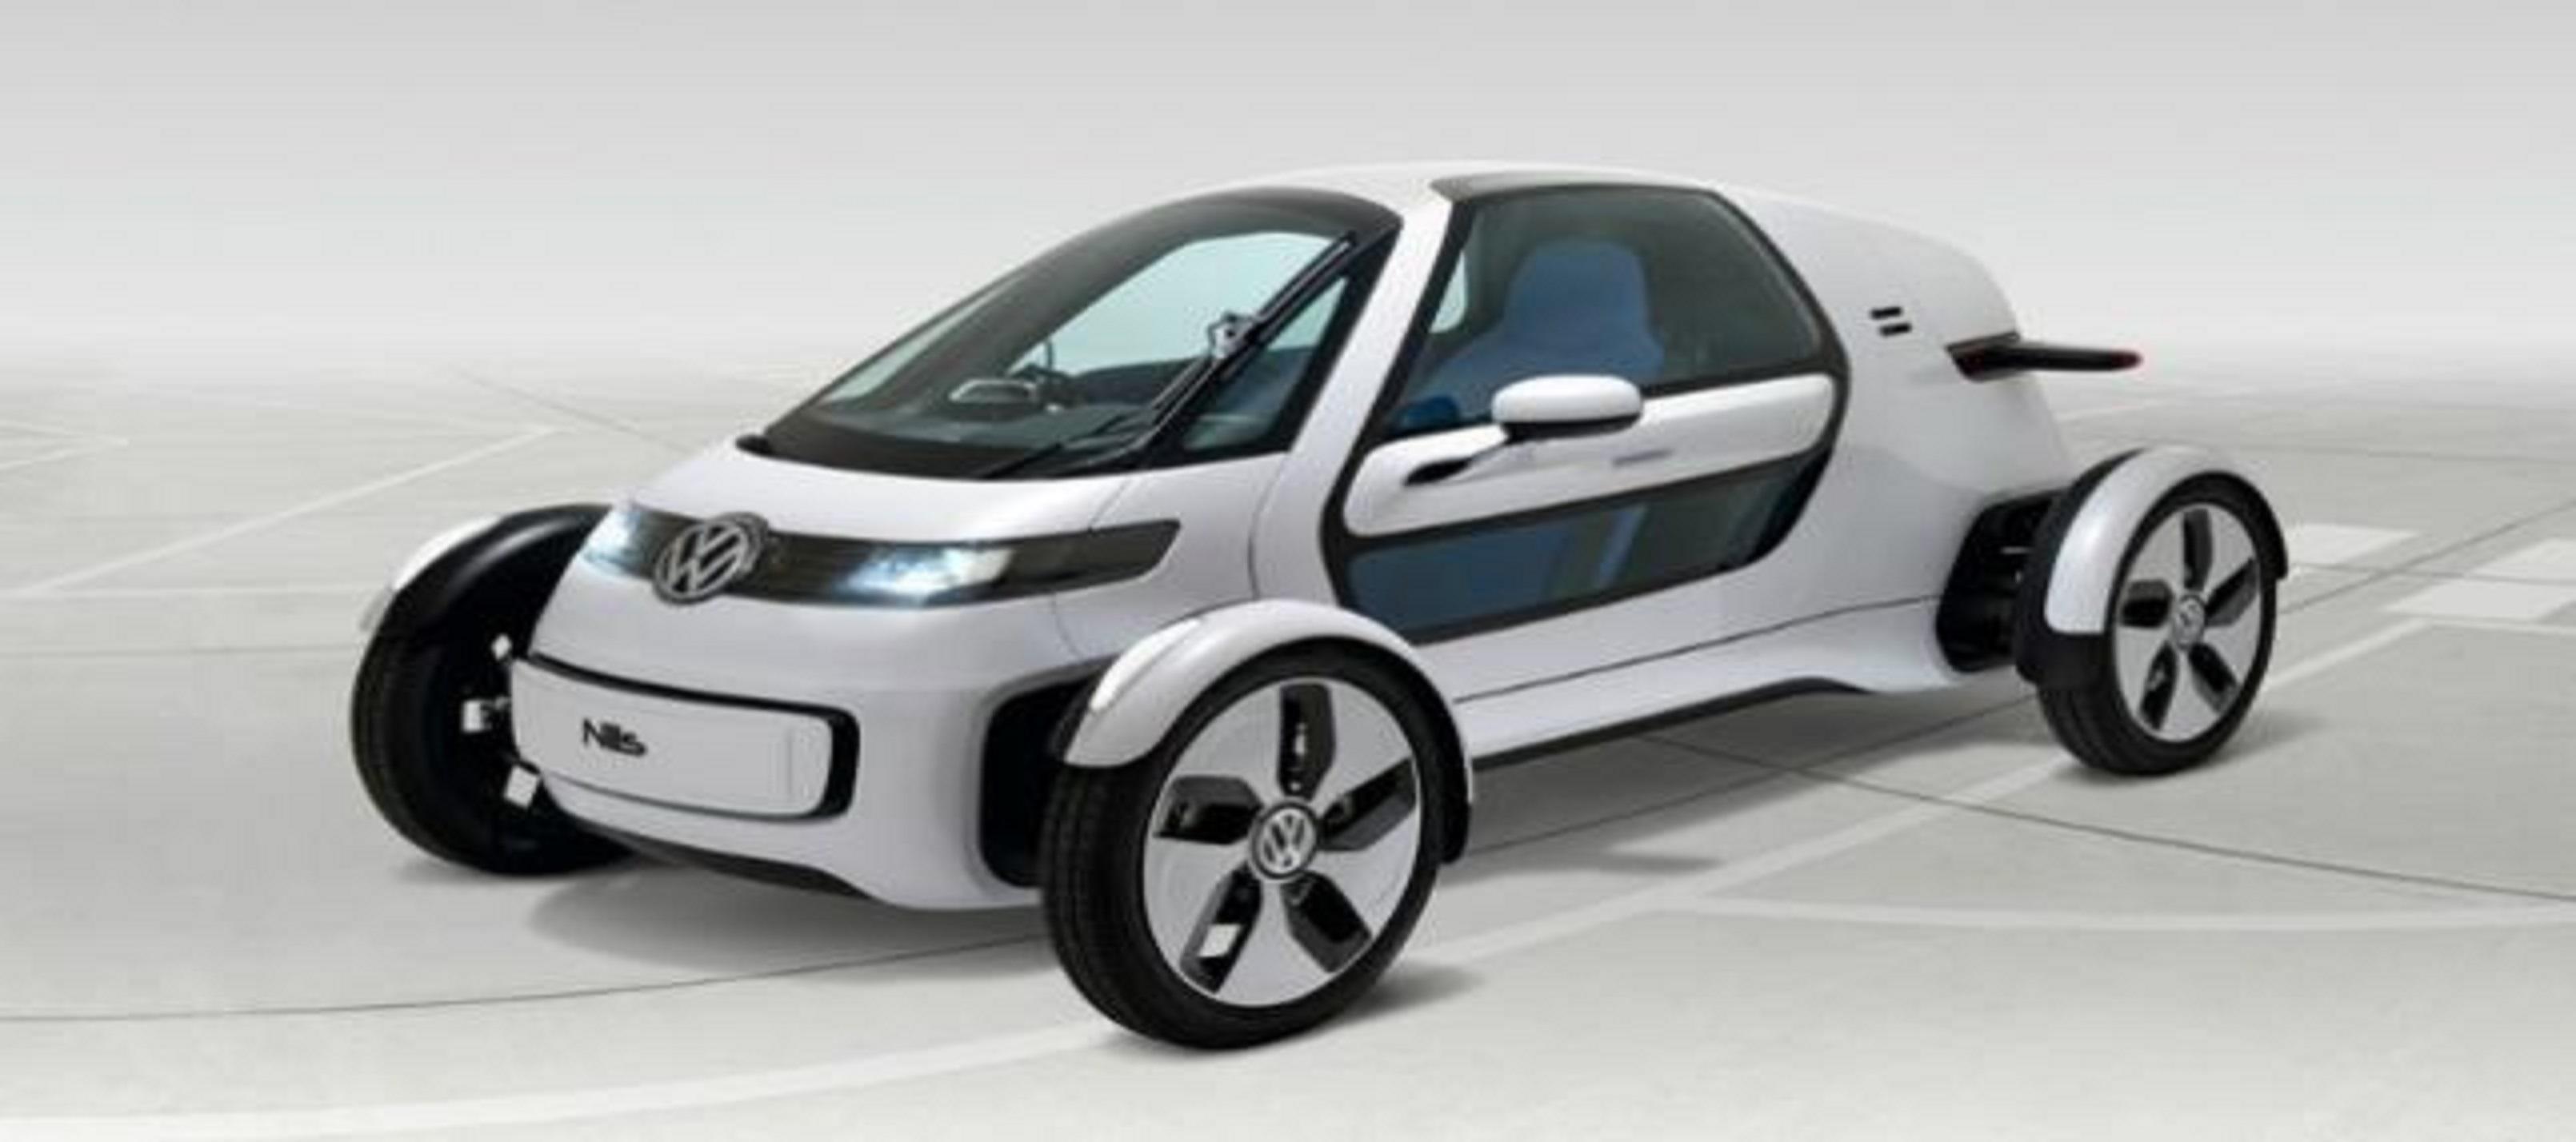 إستراتيجية صناعة السيارات الكهربائية تغزو مصانع السيارات العالمية